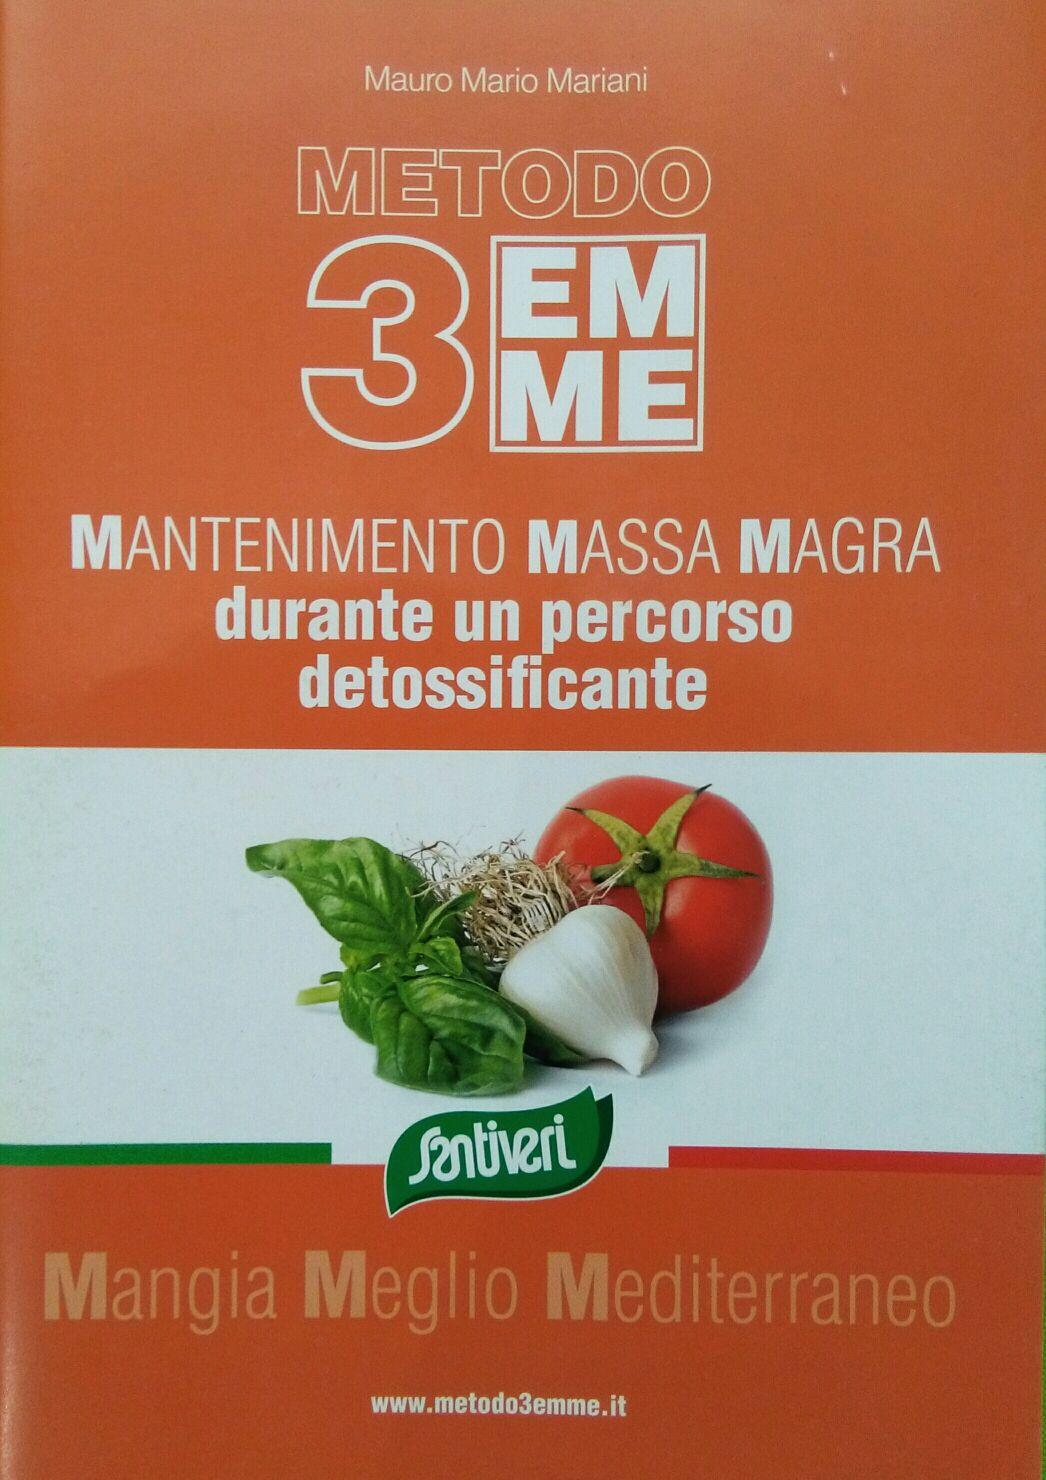 metodo 3 3emme